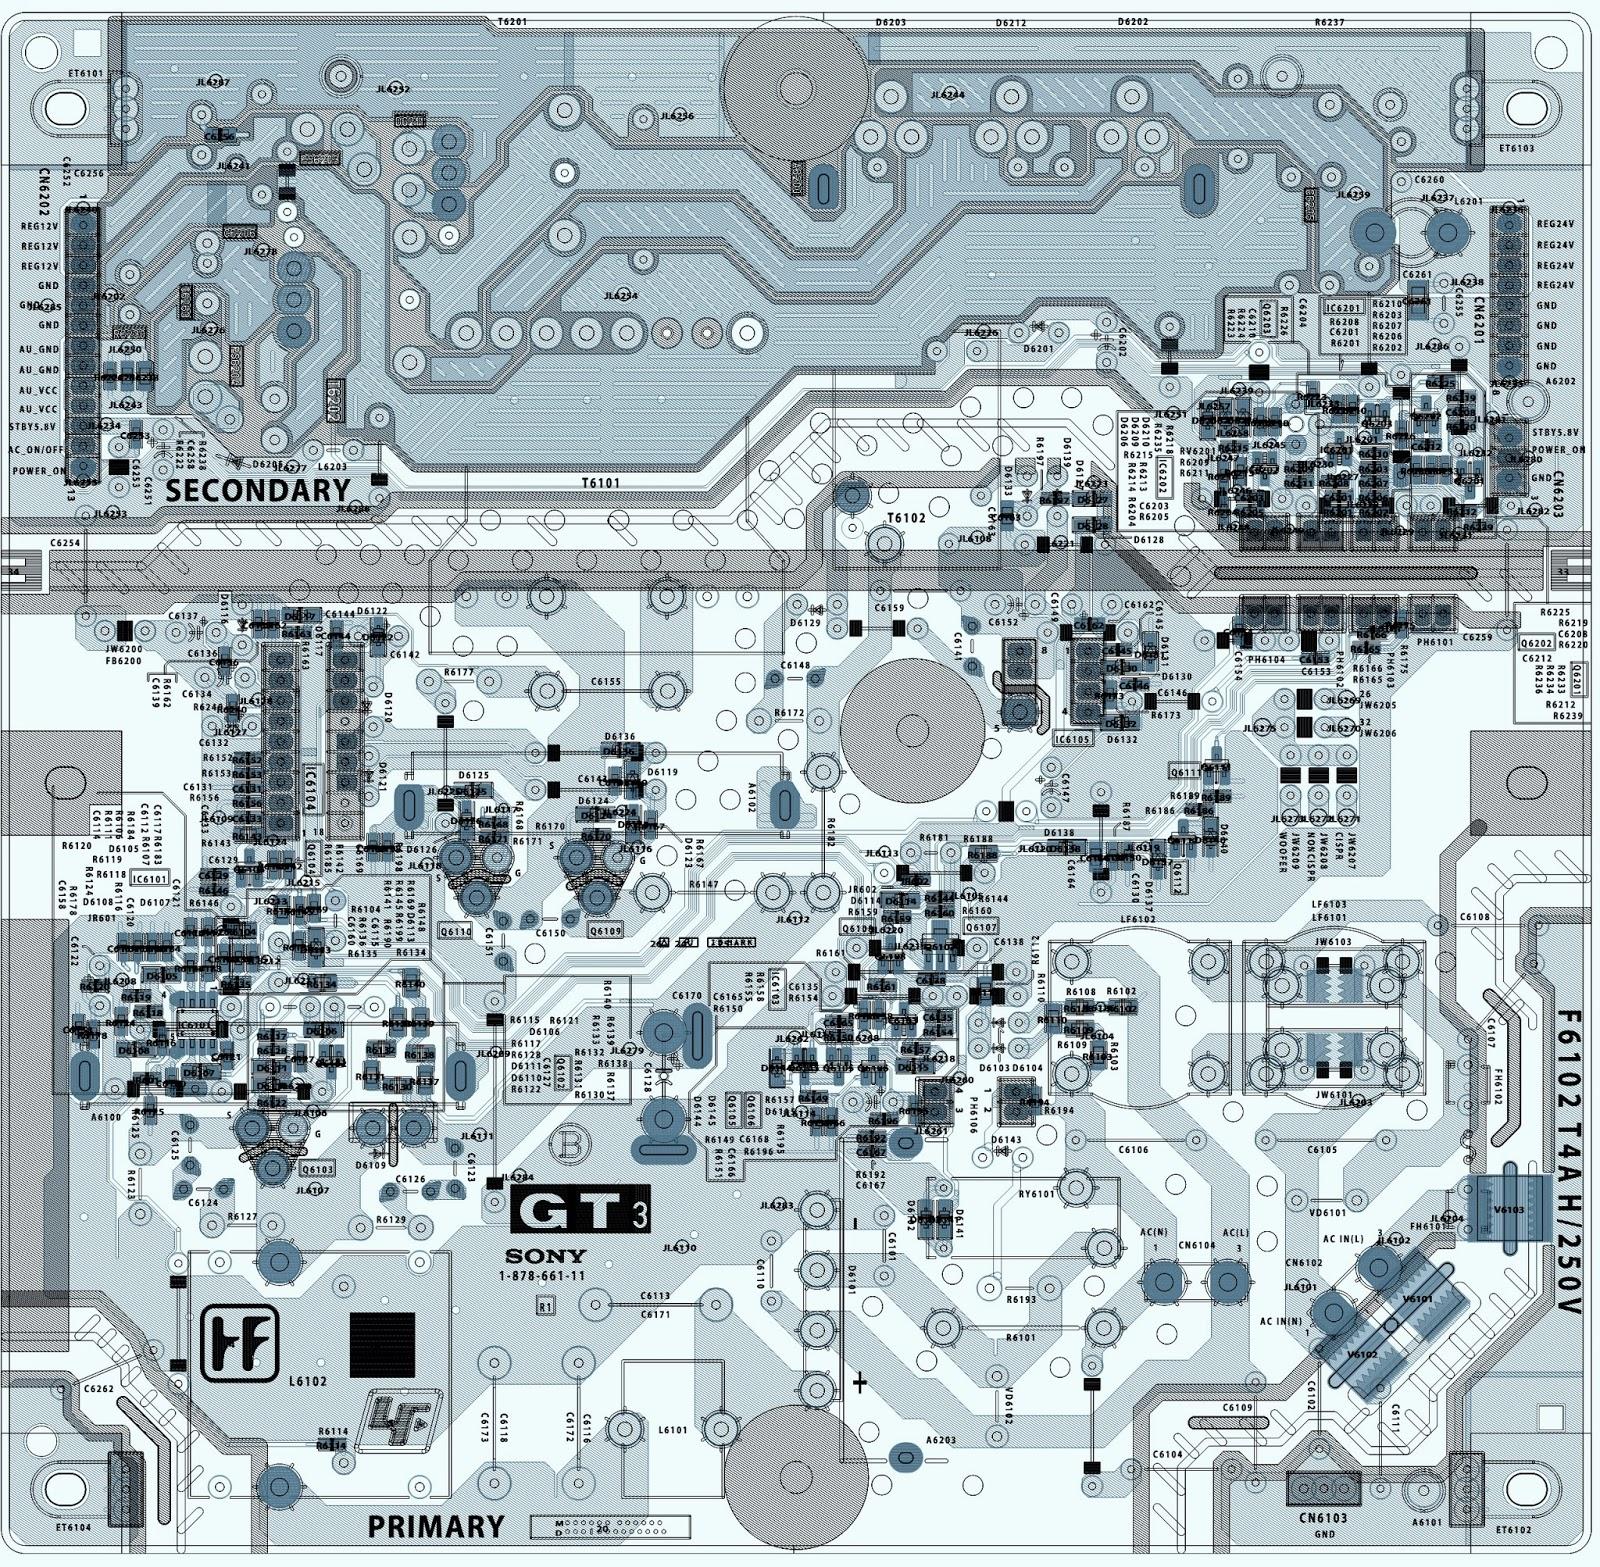 Sony Klv 32l500a